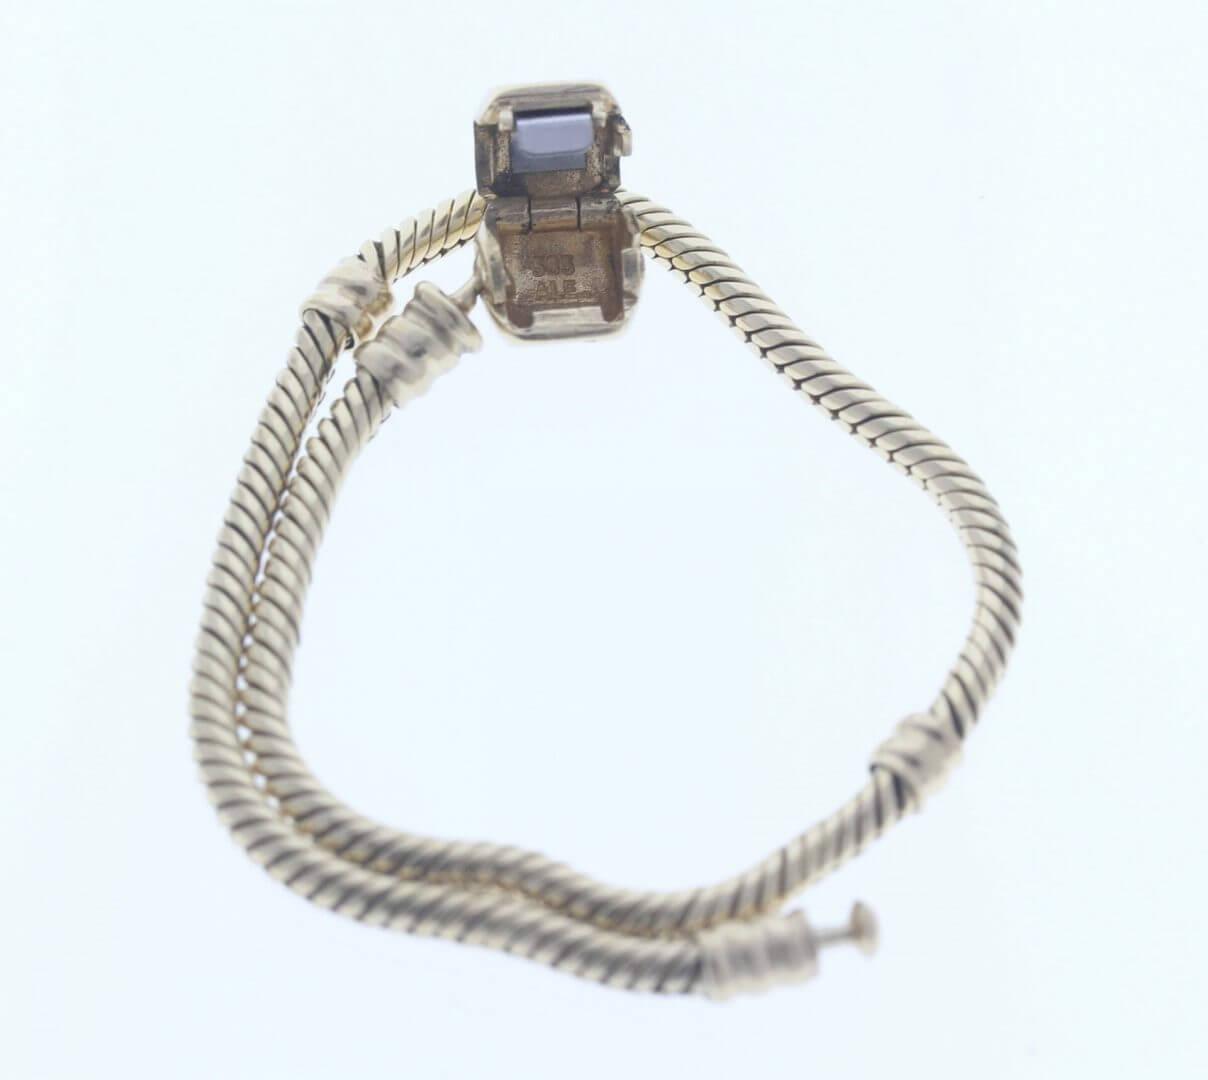 Pandora Moments 14ct Gold Charm Bracelet - 550702 - ALE 585 4